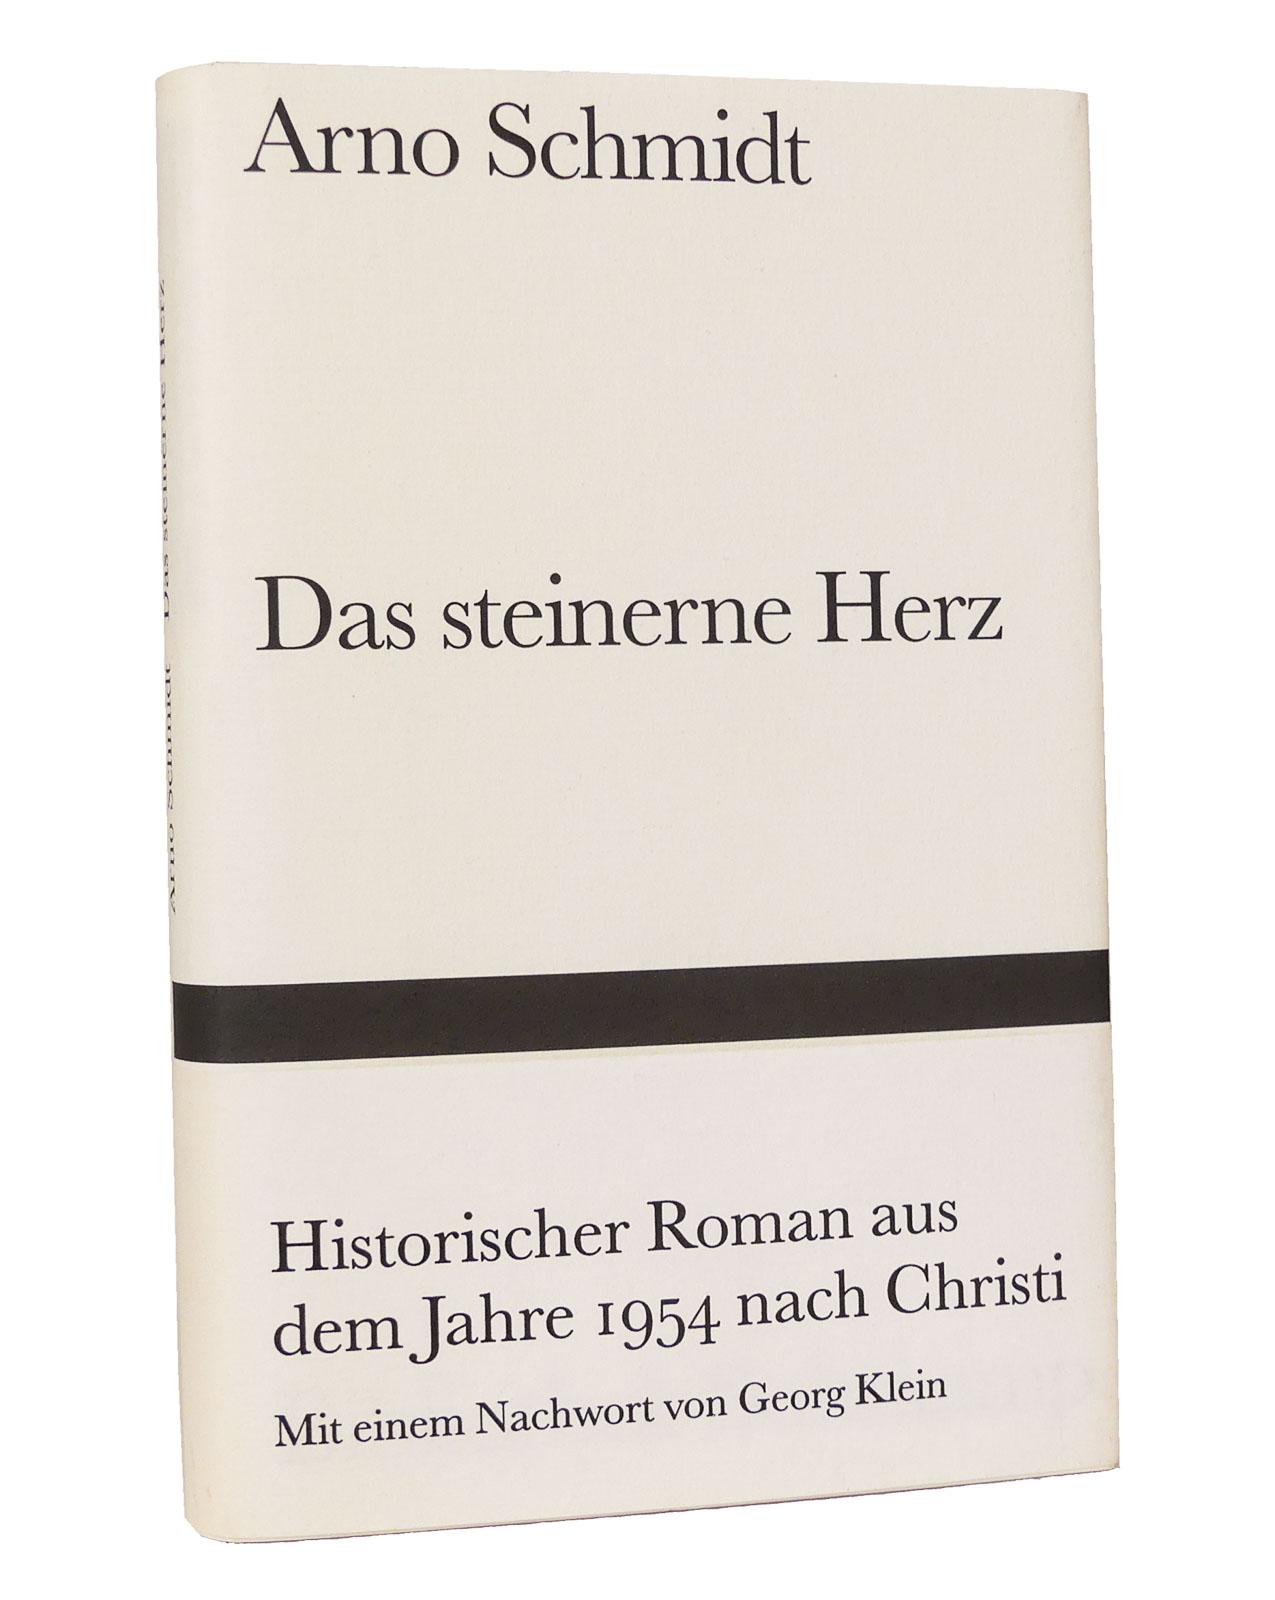 Das steinerne Herz : Historischer Roman aus dem Jahre 1954 nach Christi : Mit einem Nachwort von Georg Klein. (Reihe: Bibliothek Suhrkamp, Band 1353) - Schmidt, Arno